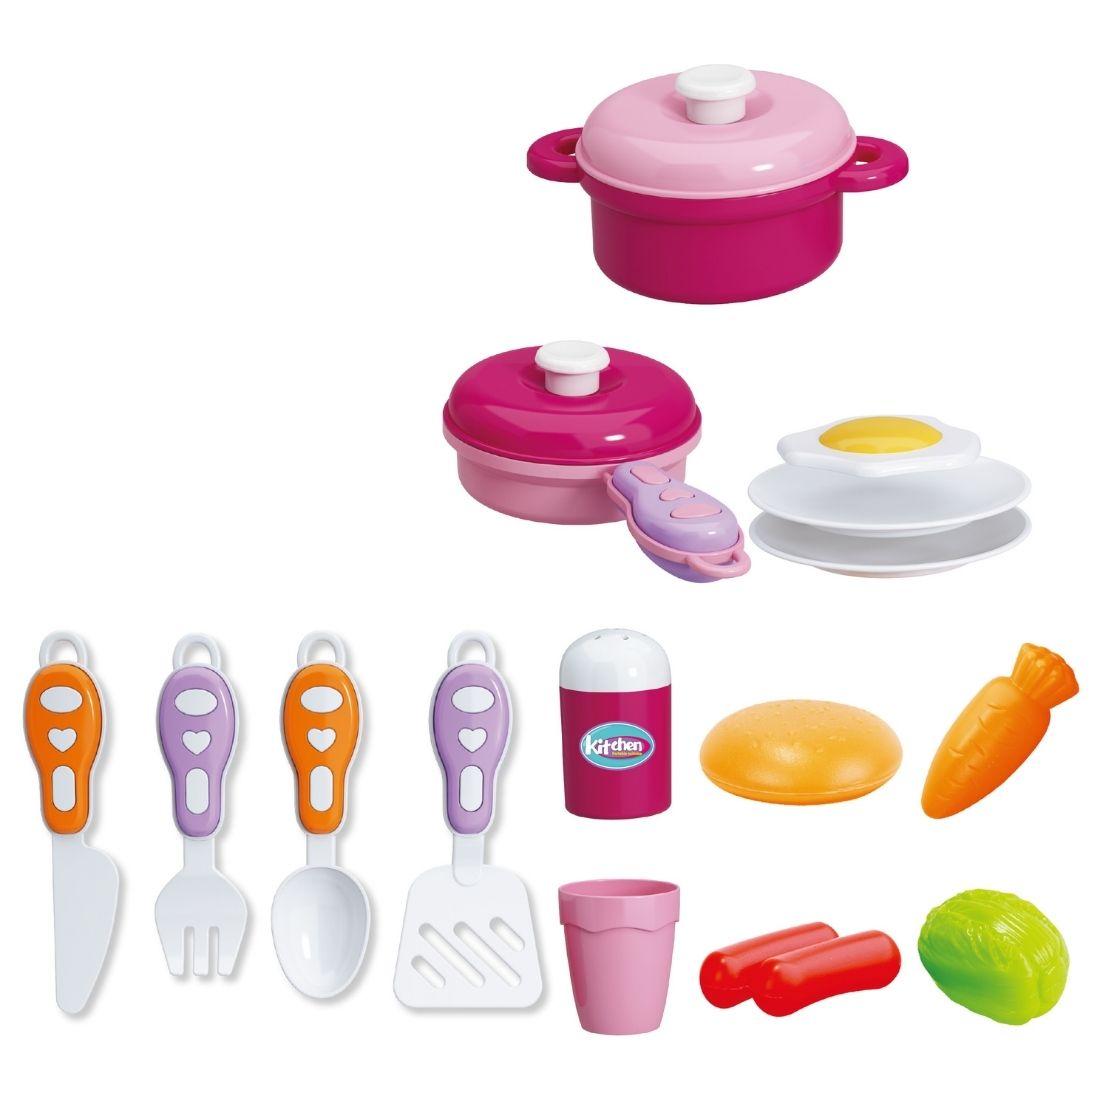 Brinquedo Maleta Infantil Chef de Cozinha Portátil 2 em 1